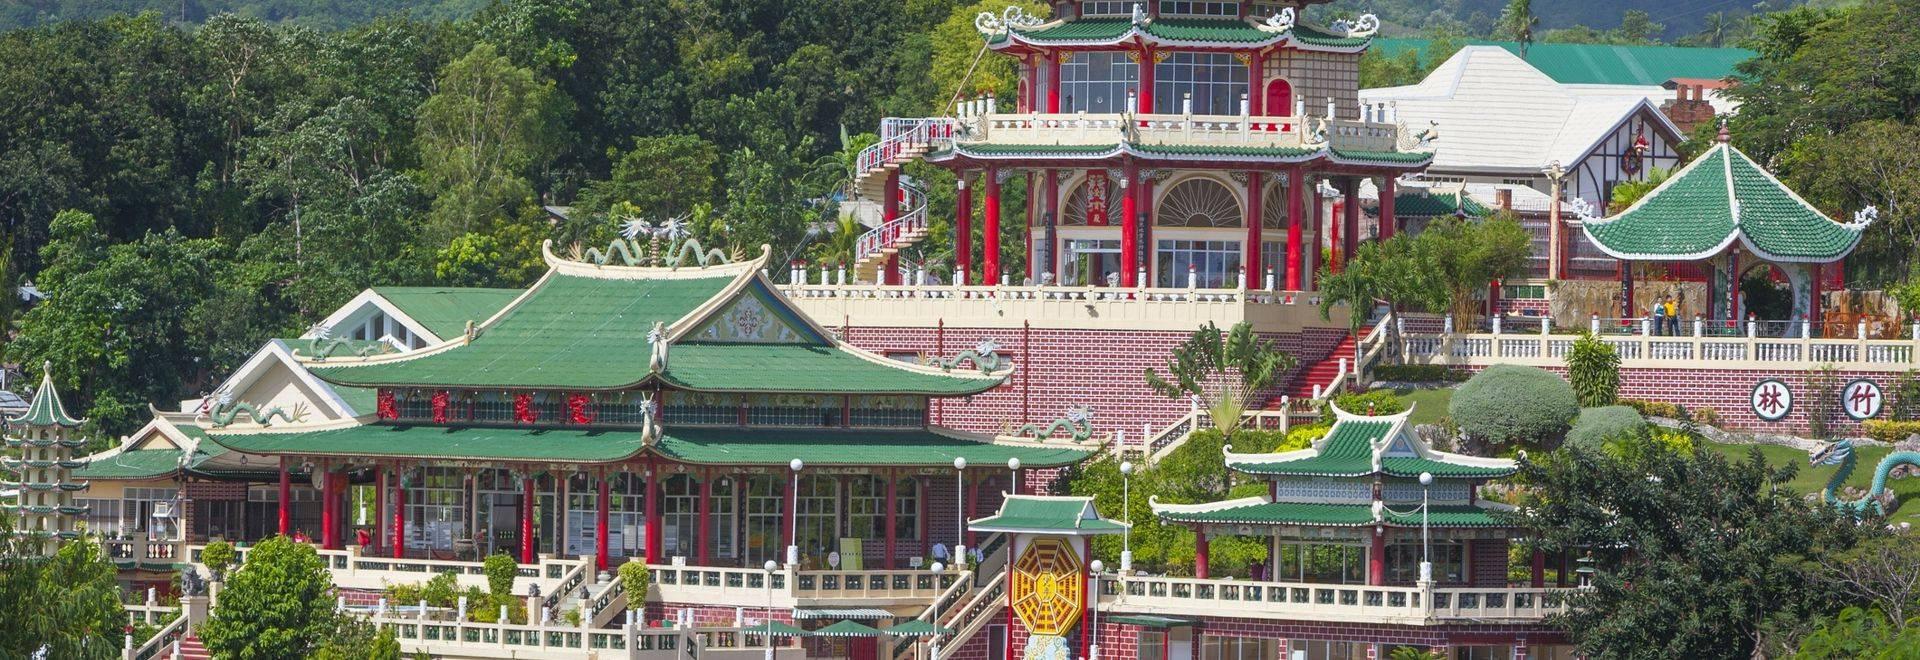 Cebu Taoist Temple, Cebu City, Cebu, Philippines.